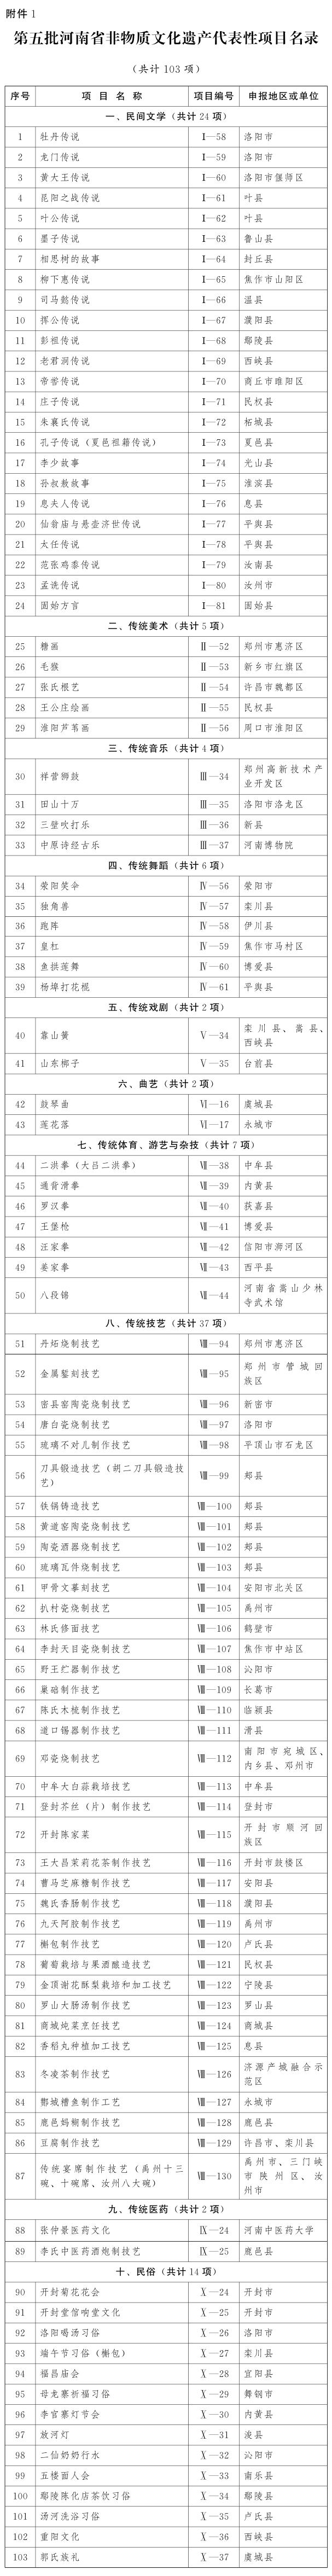 河南省人民政府关于公布第五批河南省非物质文化遗产代表性项目名录的通知